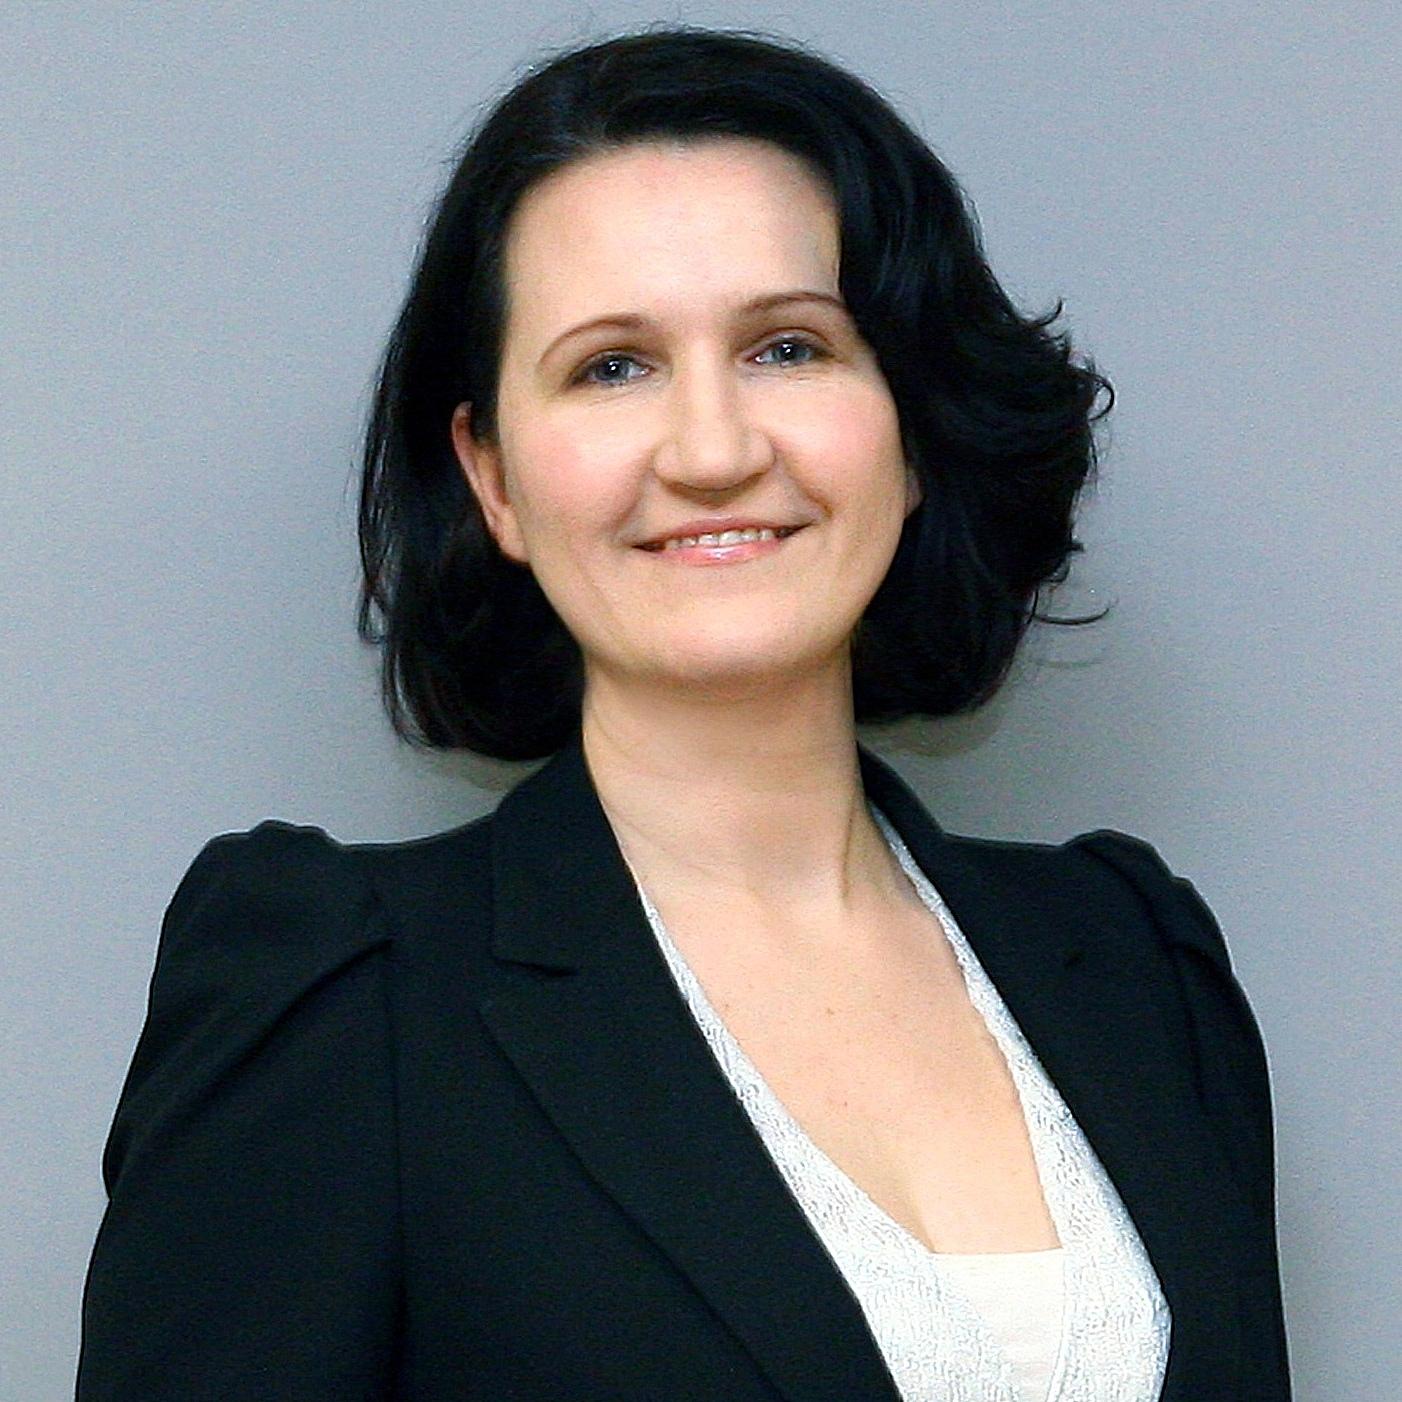 Anna Wielgos